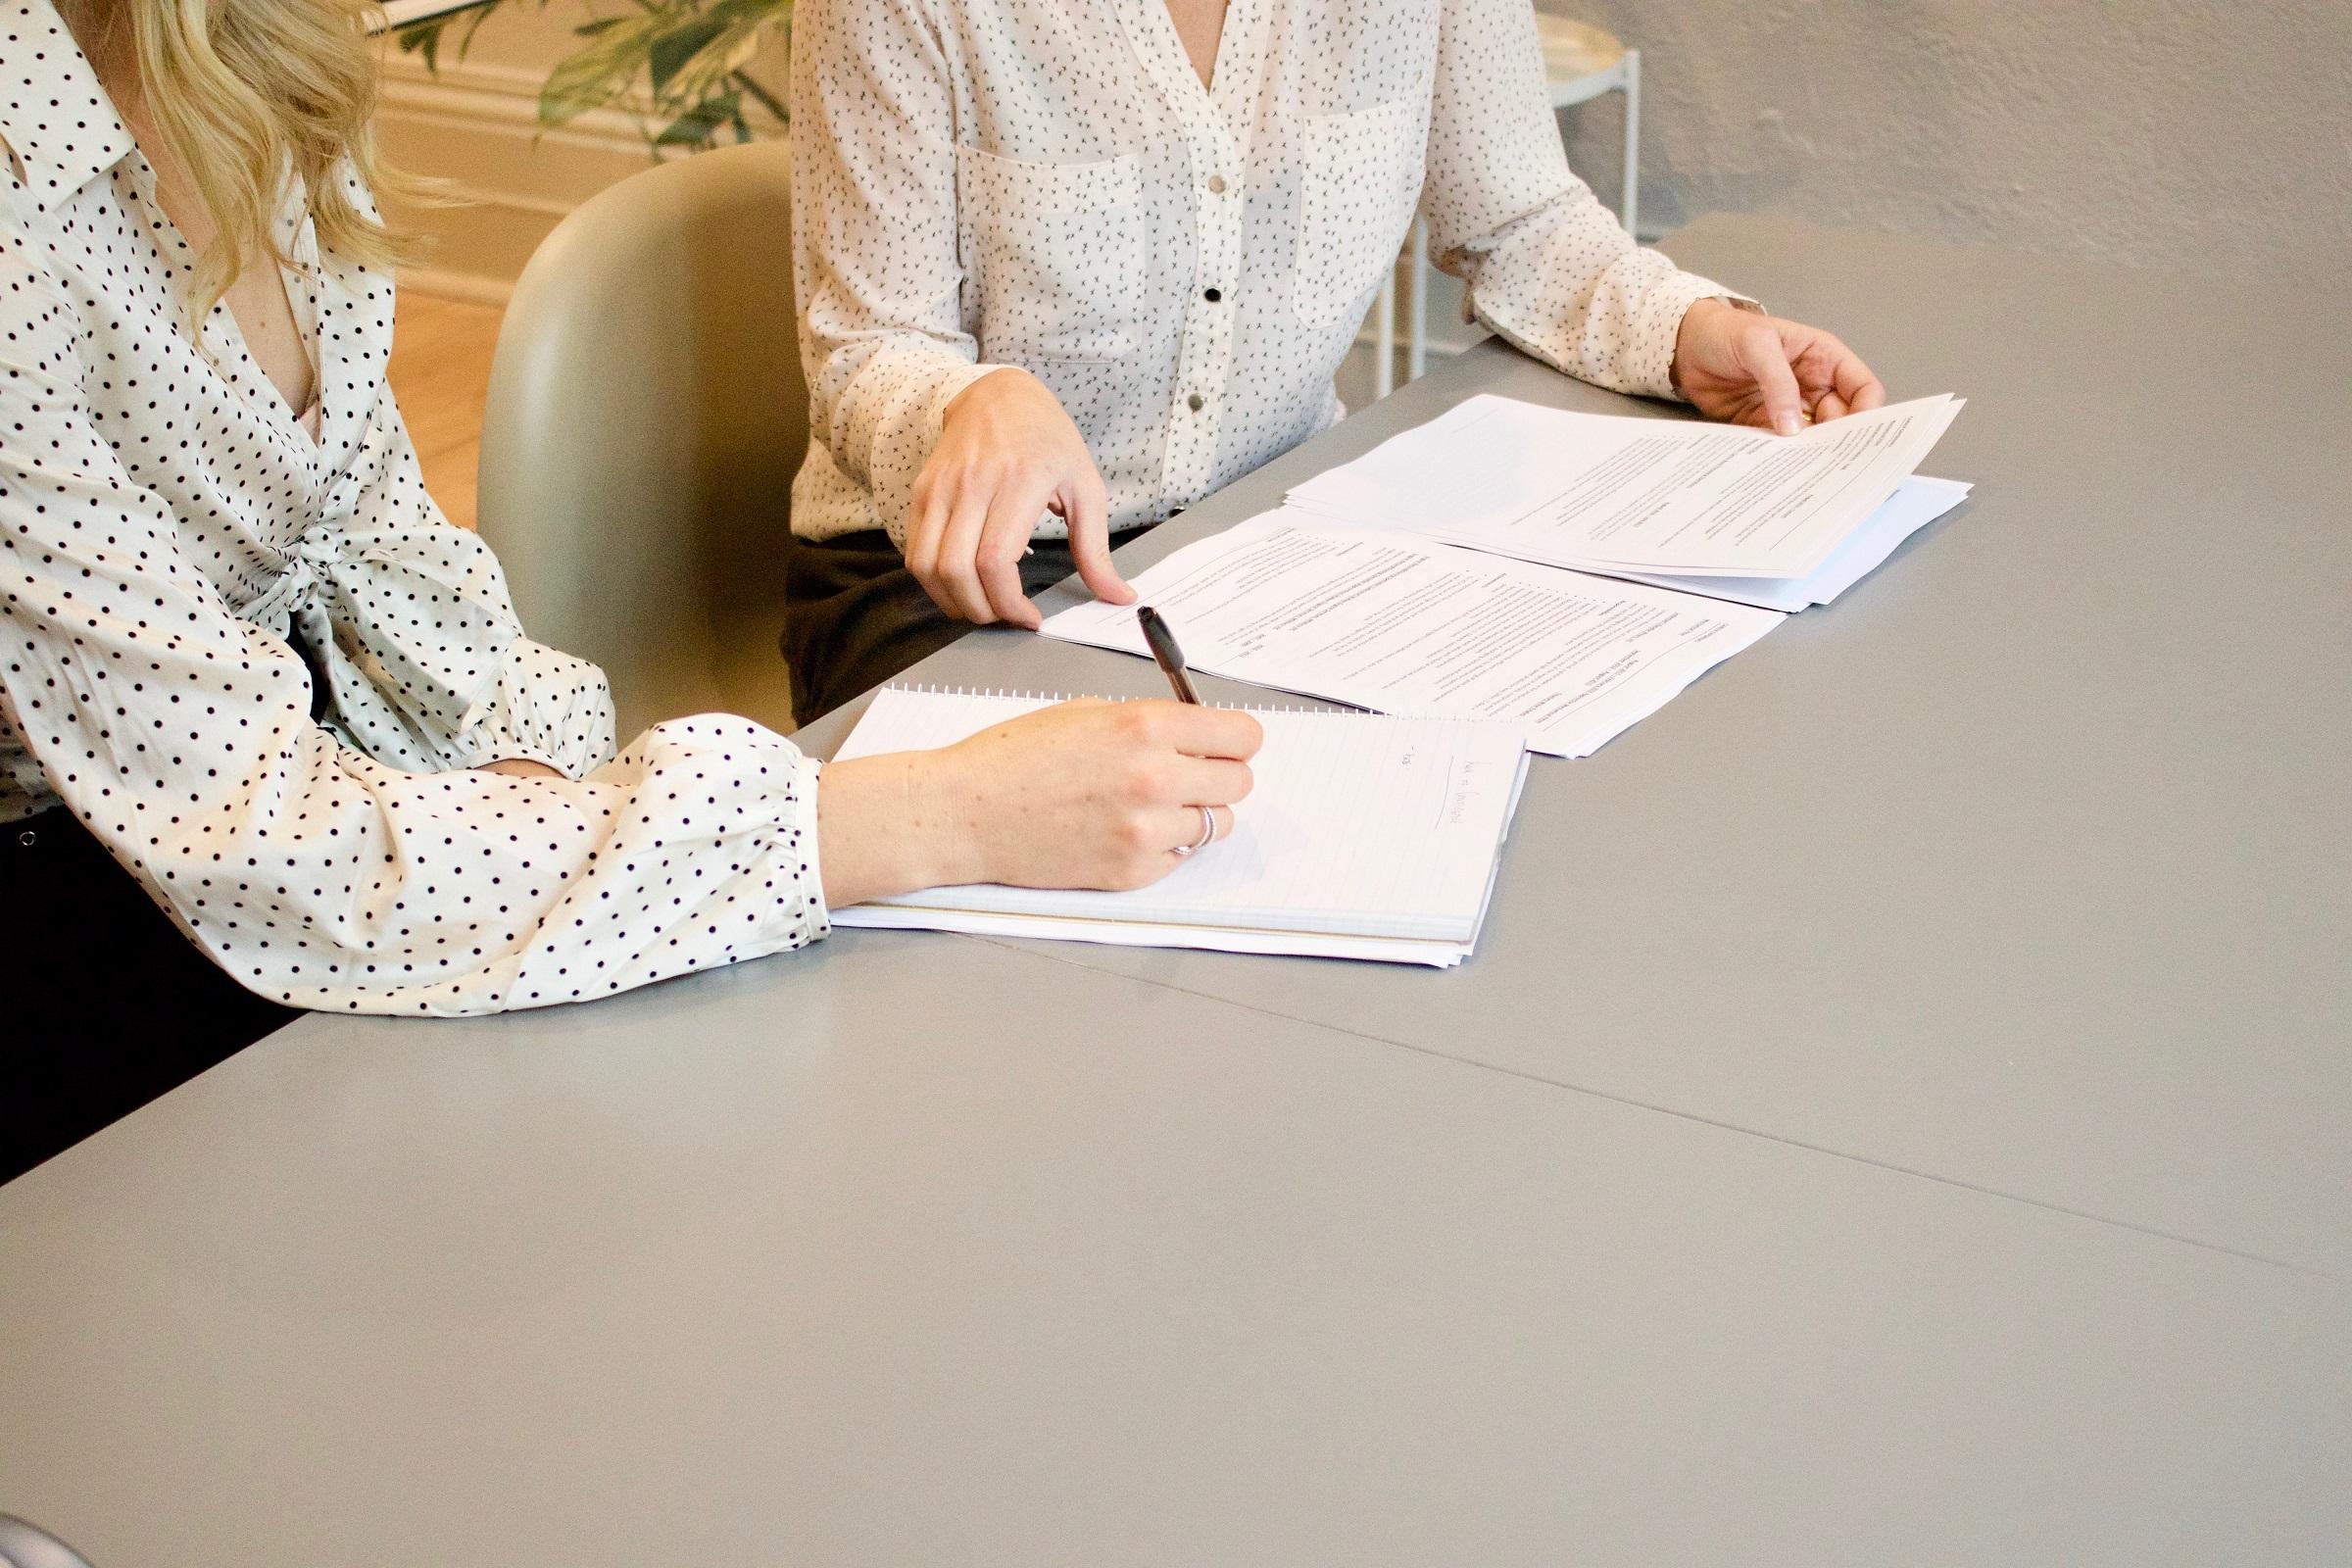 契約書翻訳の料金の考え方を知る3つのポイント